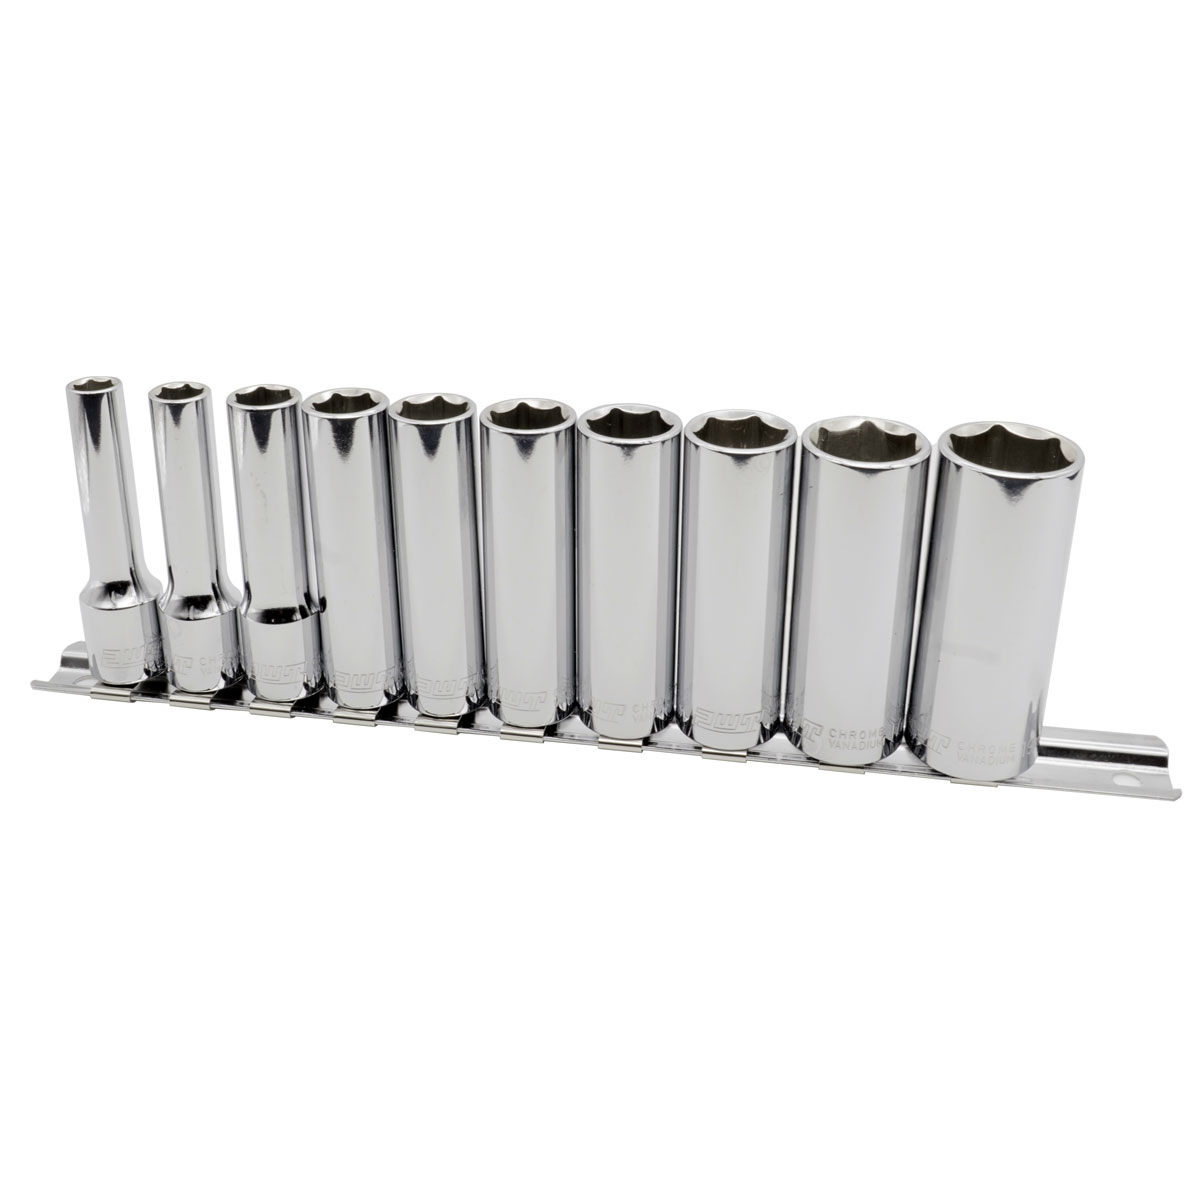 ディープソケットセット PWT 3/8インチ (9.5mm)ディープソケットセット 7/8/10/11/12/13/14/15/17/19mm IDS38SET